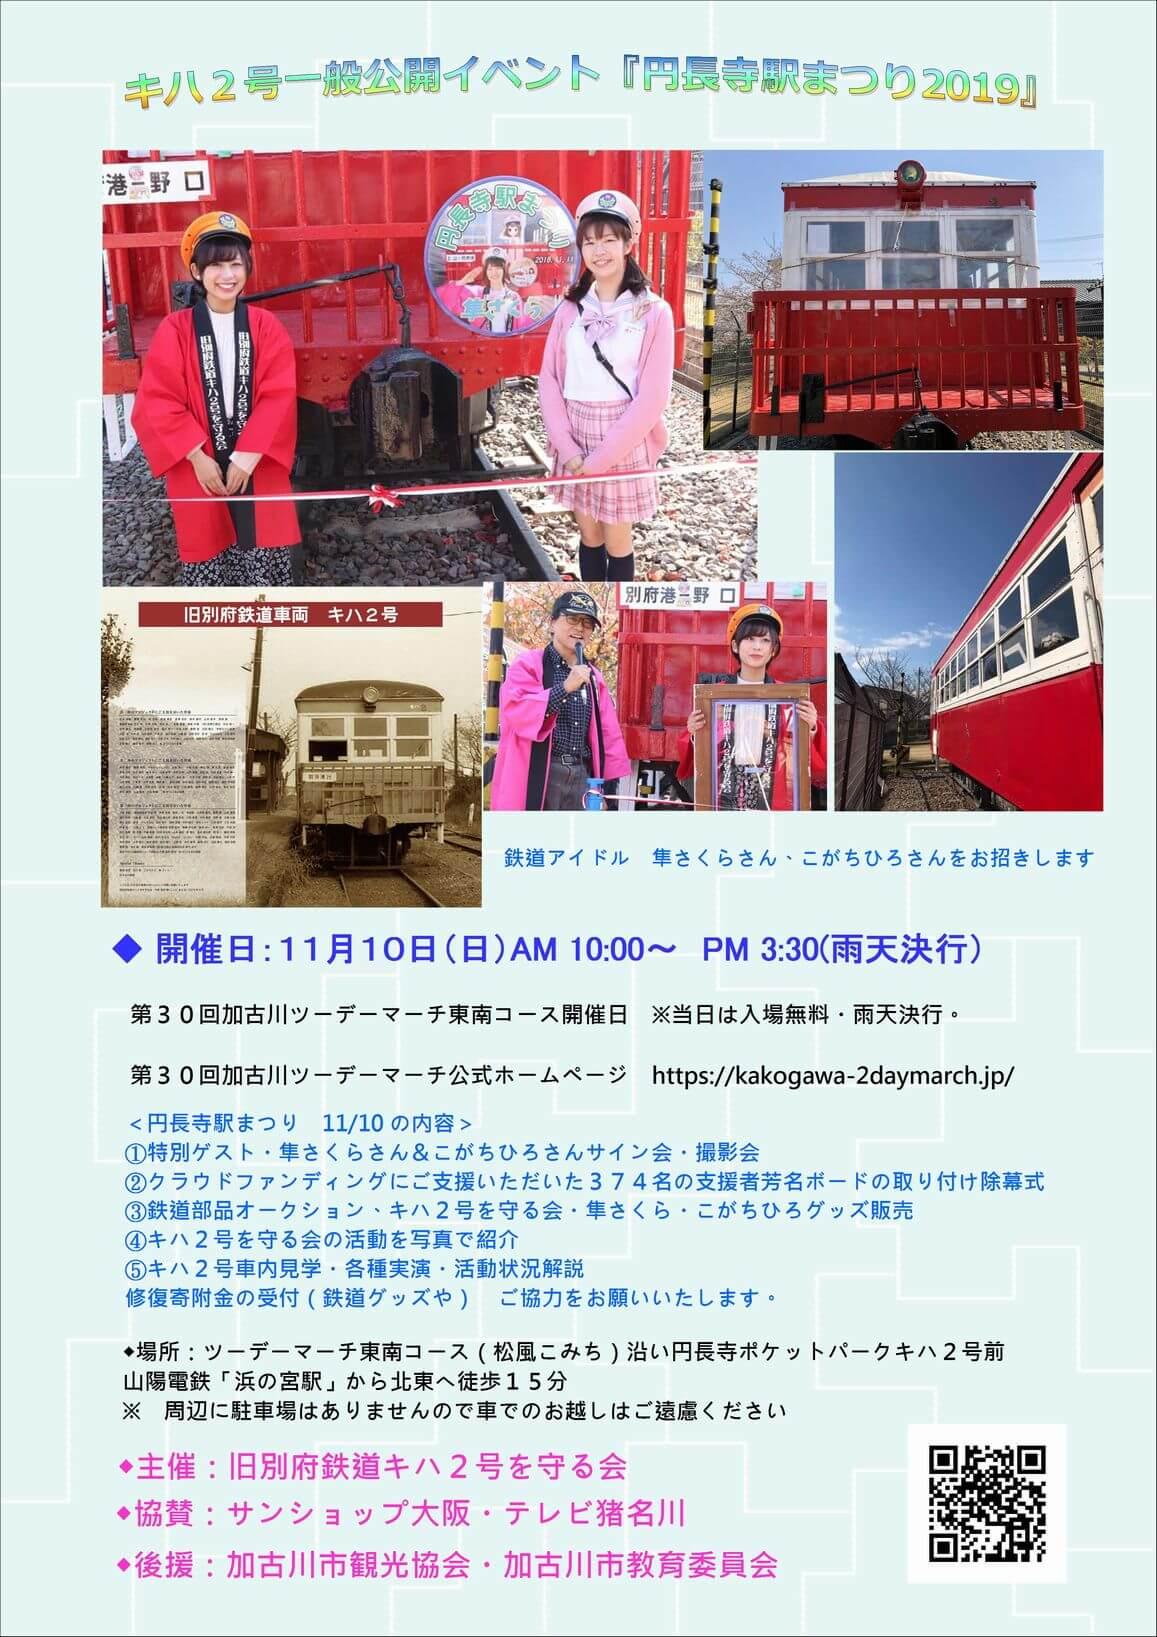 キハ2号一般公開イベント「円長寺駅まつり2019」チラシ